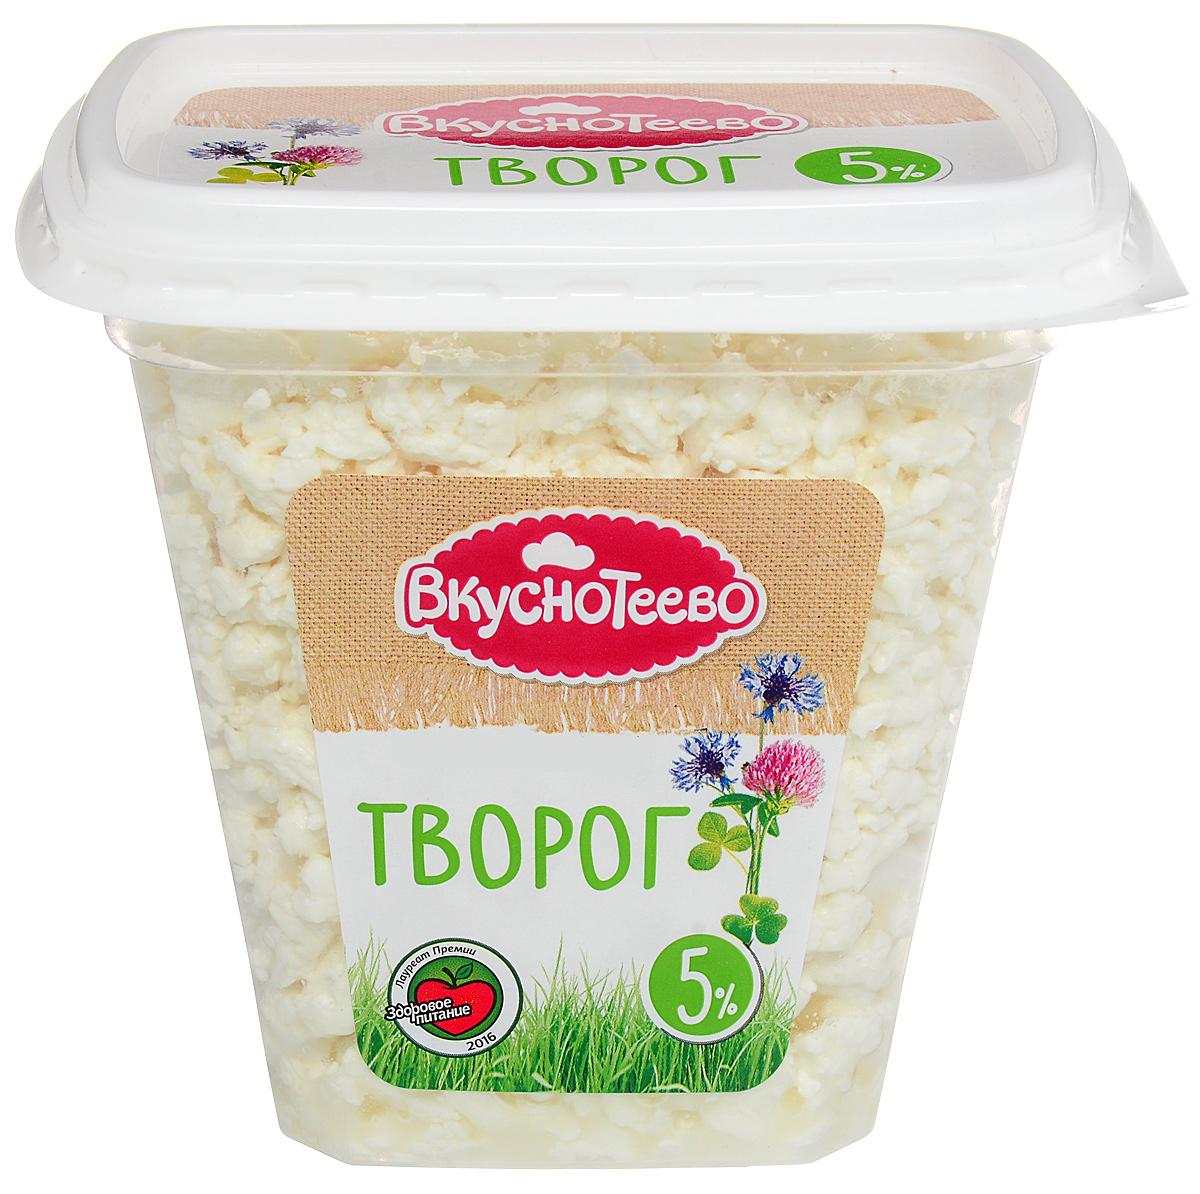 Вкуснотеево Творог 5%, 300 г вкуснотеево кефир 1